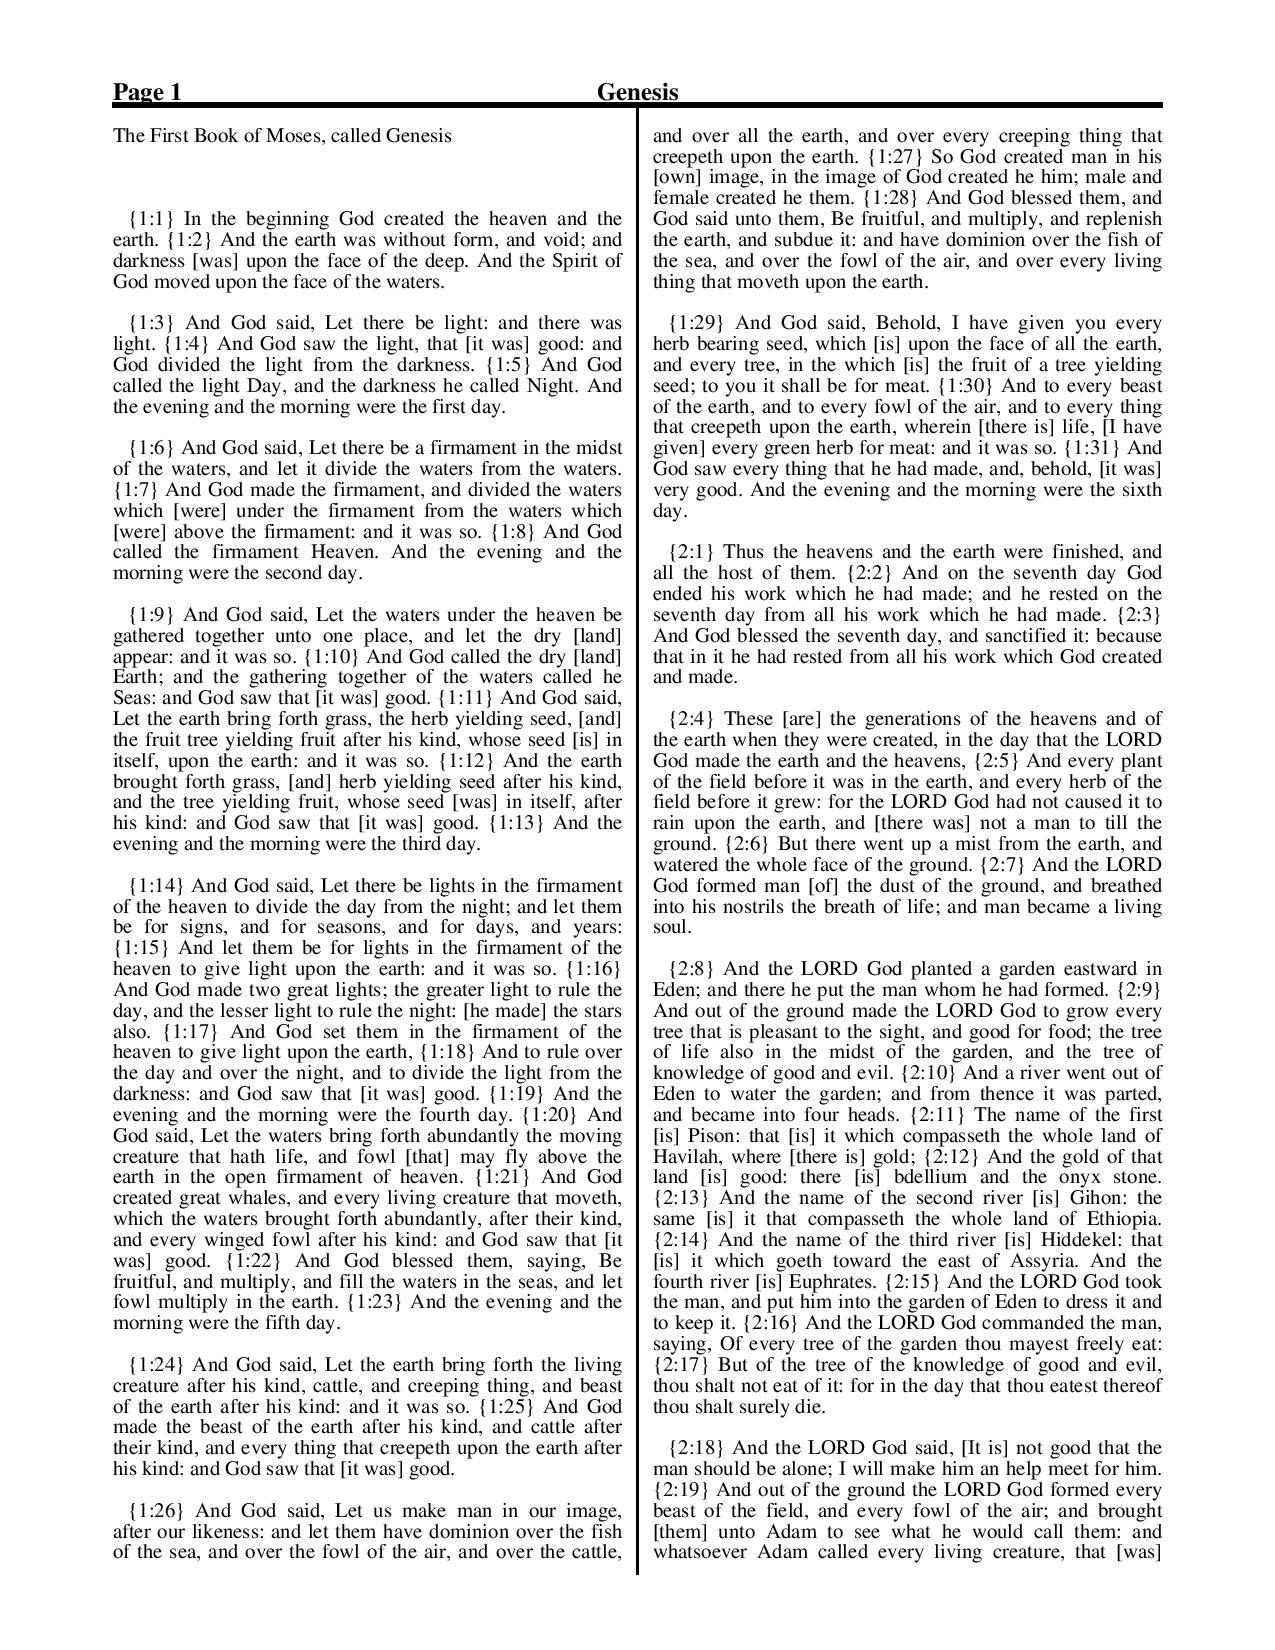 King-James-Bible-KJV-Bible-PDF-page-022